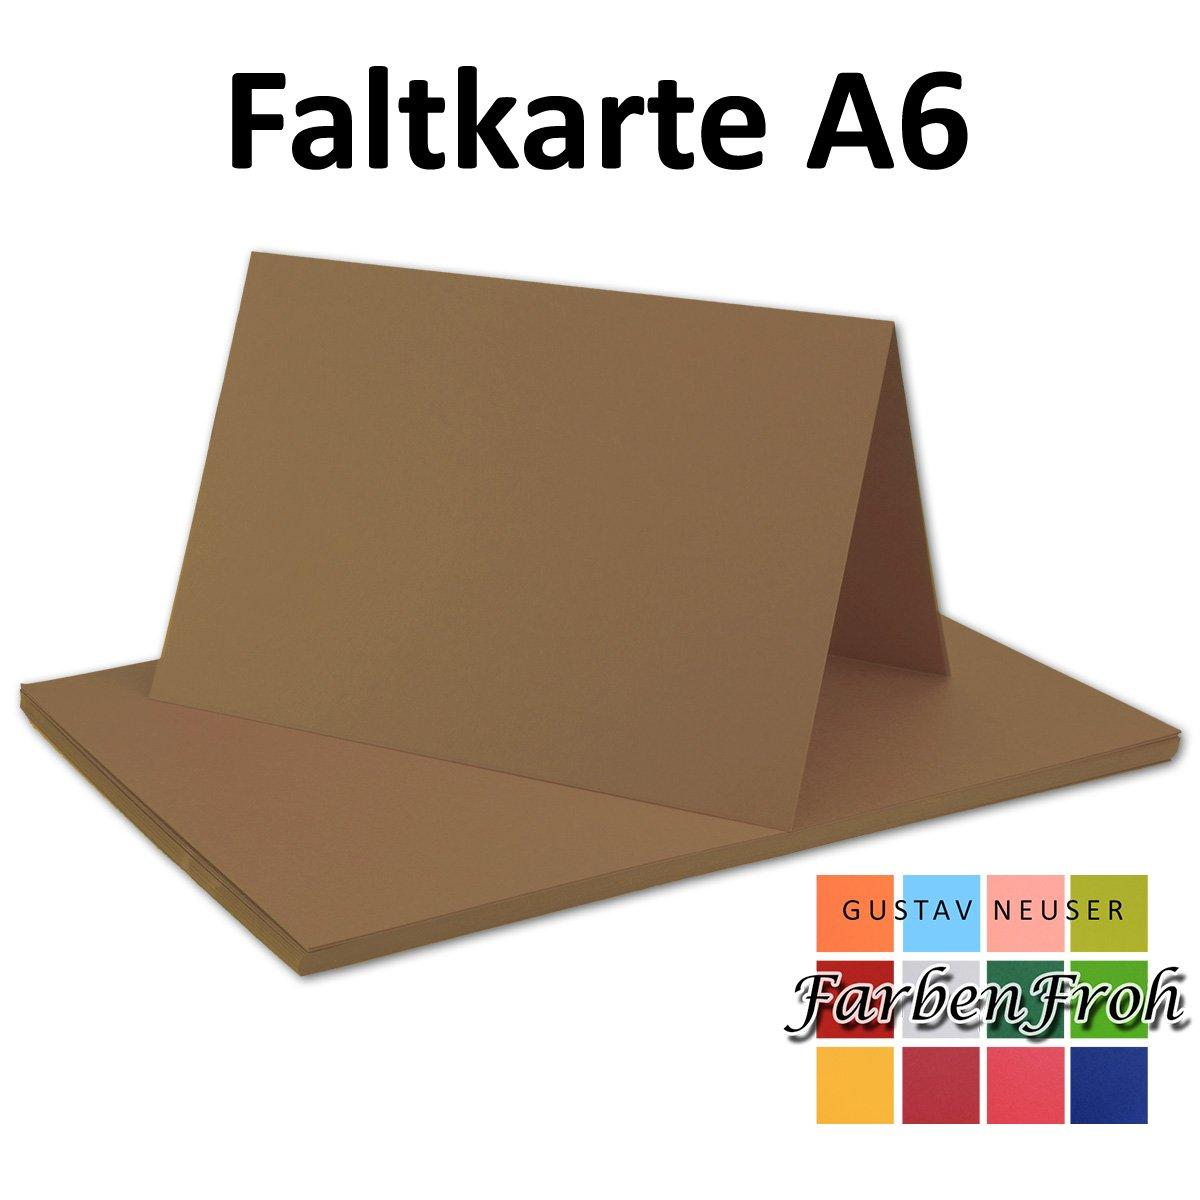 150x Falt-Karten DIN A6 Blanko Blanko Blanko Doppel-Karten in Vanille -10,5 x 14,8 cm   Premium Qualität   FarbenFroh® B076F3BF8H | Won hoch geschätzt und weithin vertraut im in- und Ausland vertraut  96f553